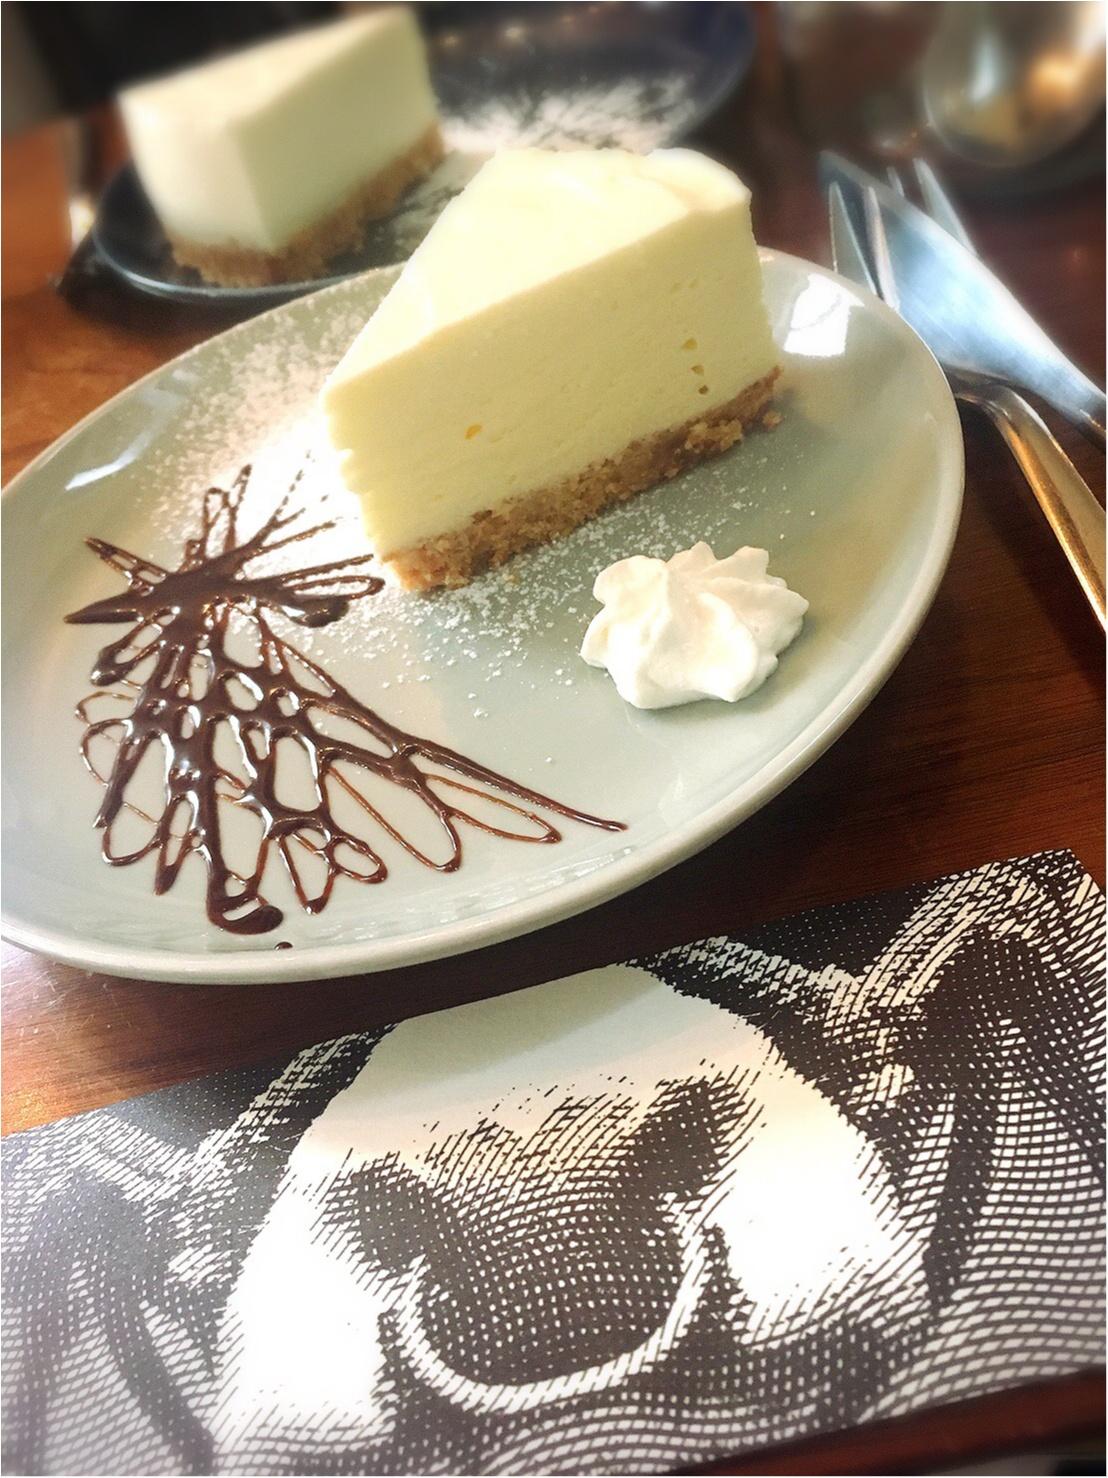 もお〜うまいもぉ♡【三軒茶屋】チーズケーキ専門店に初めていってみた♡_5_2